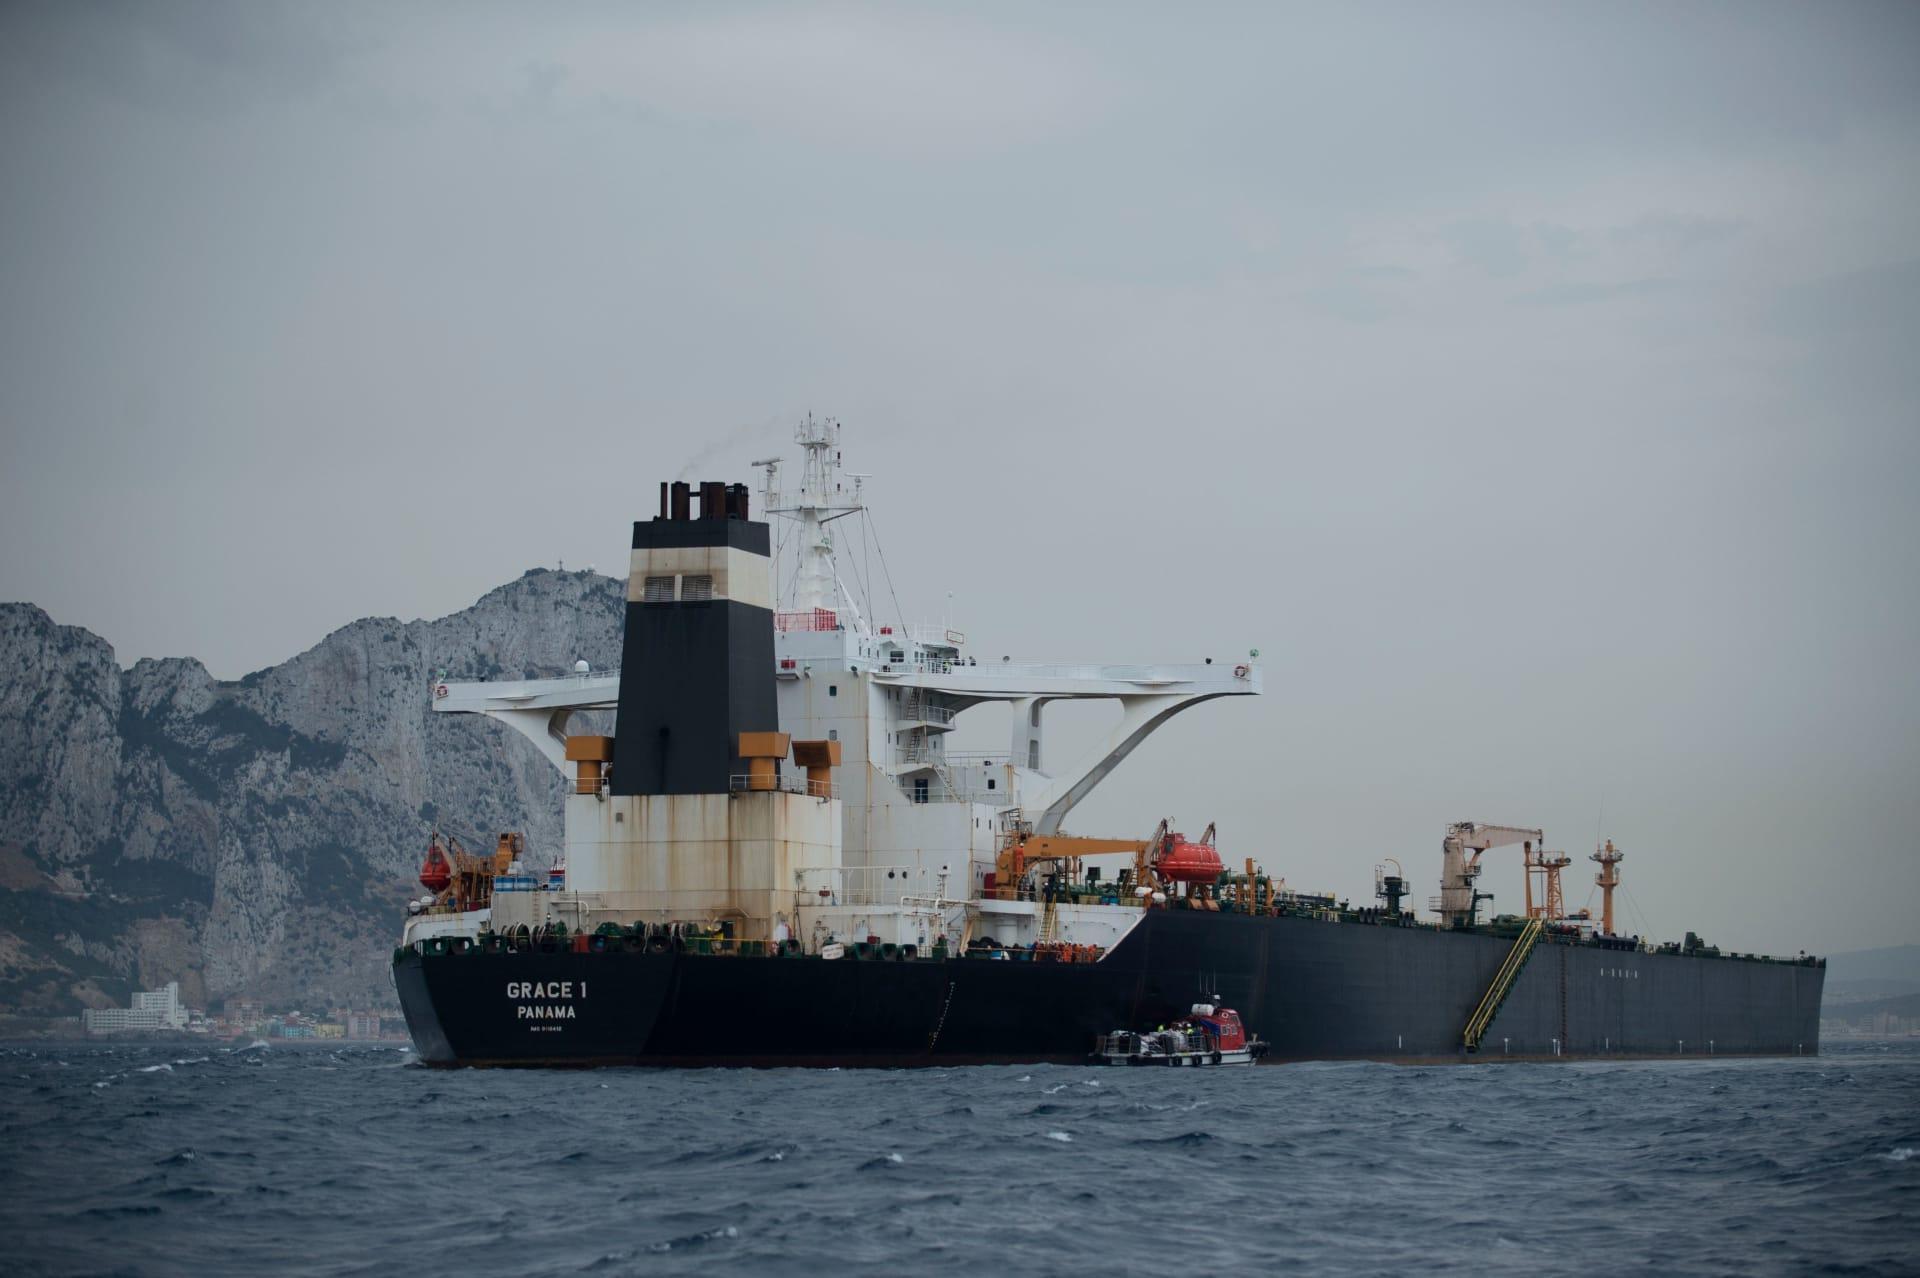 مارين ترافيك: ناقلة النفط الإيرانية التي قيل إنها أصيبت بصواريخ تتحرك جنوبًا بالبحر الأحمر